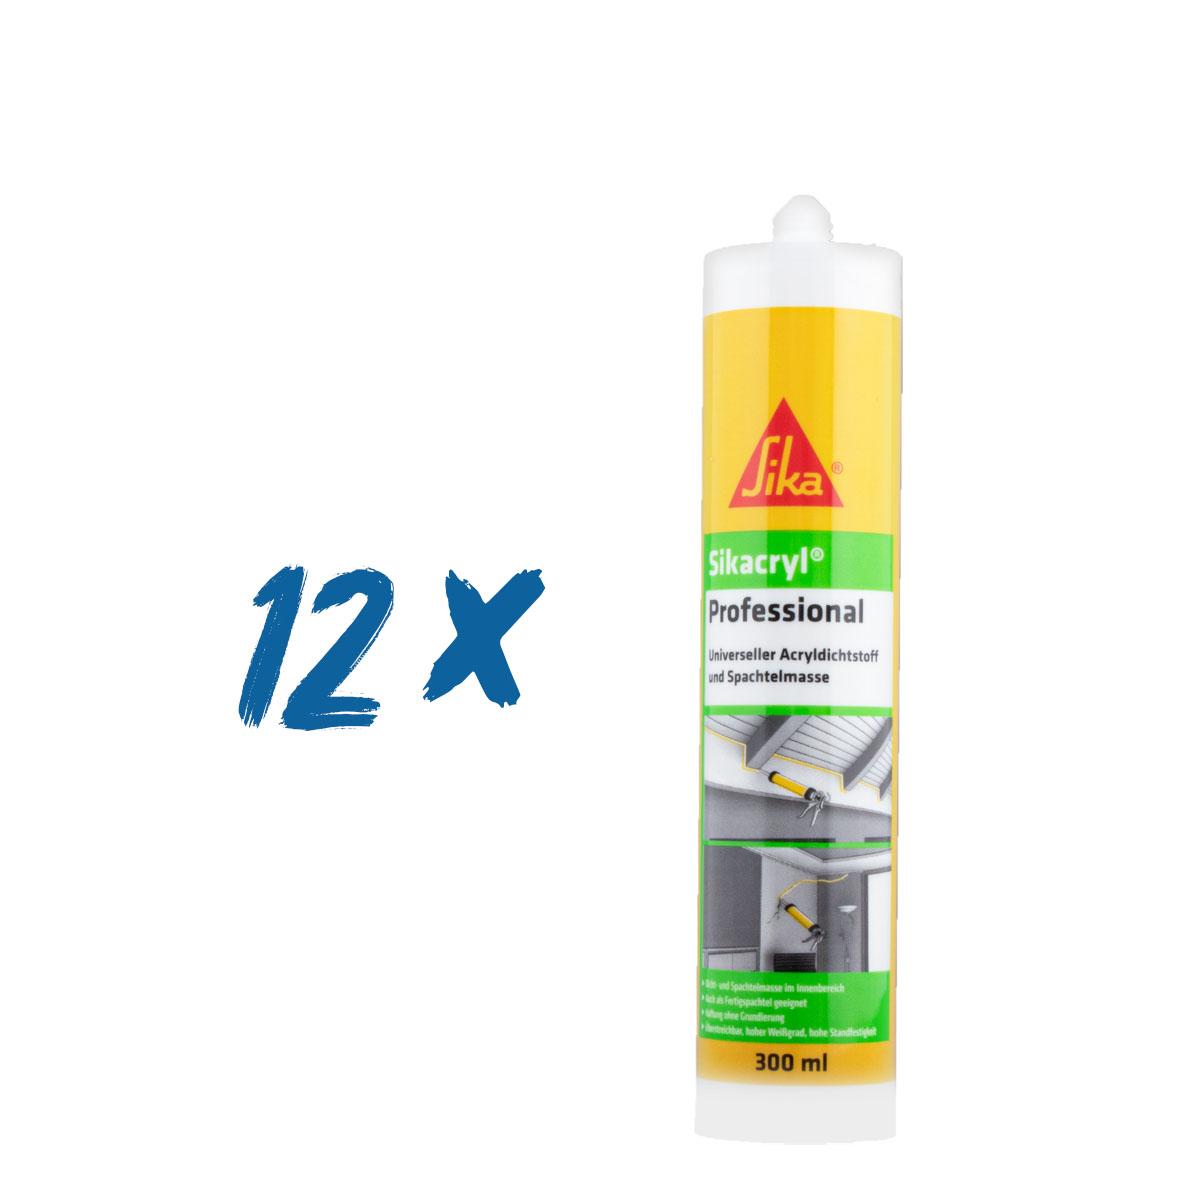 12x Sikacryl Professional weiß 300ml Kartusche, Acryl, Karton